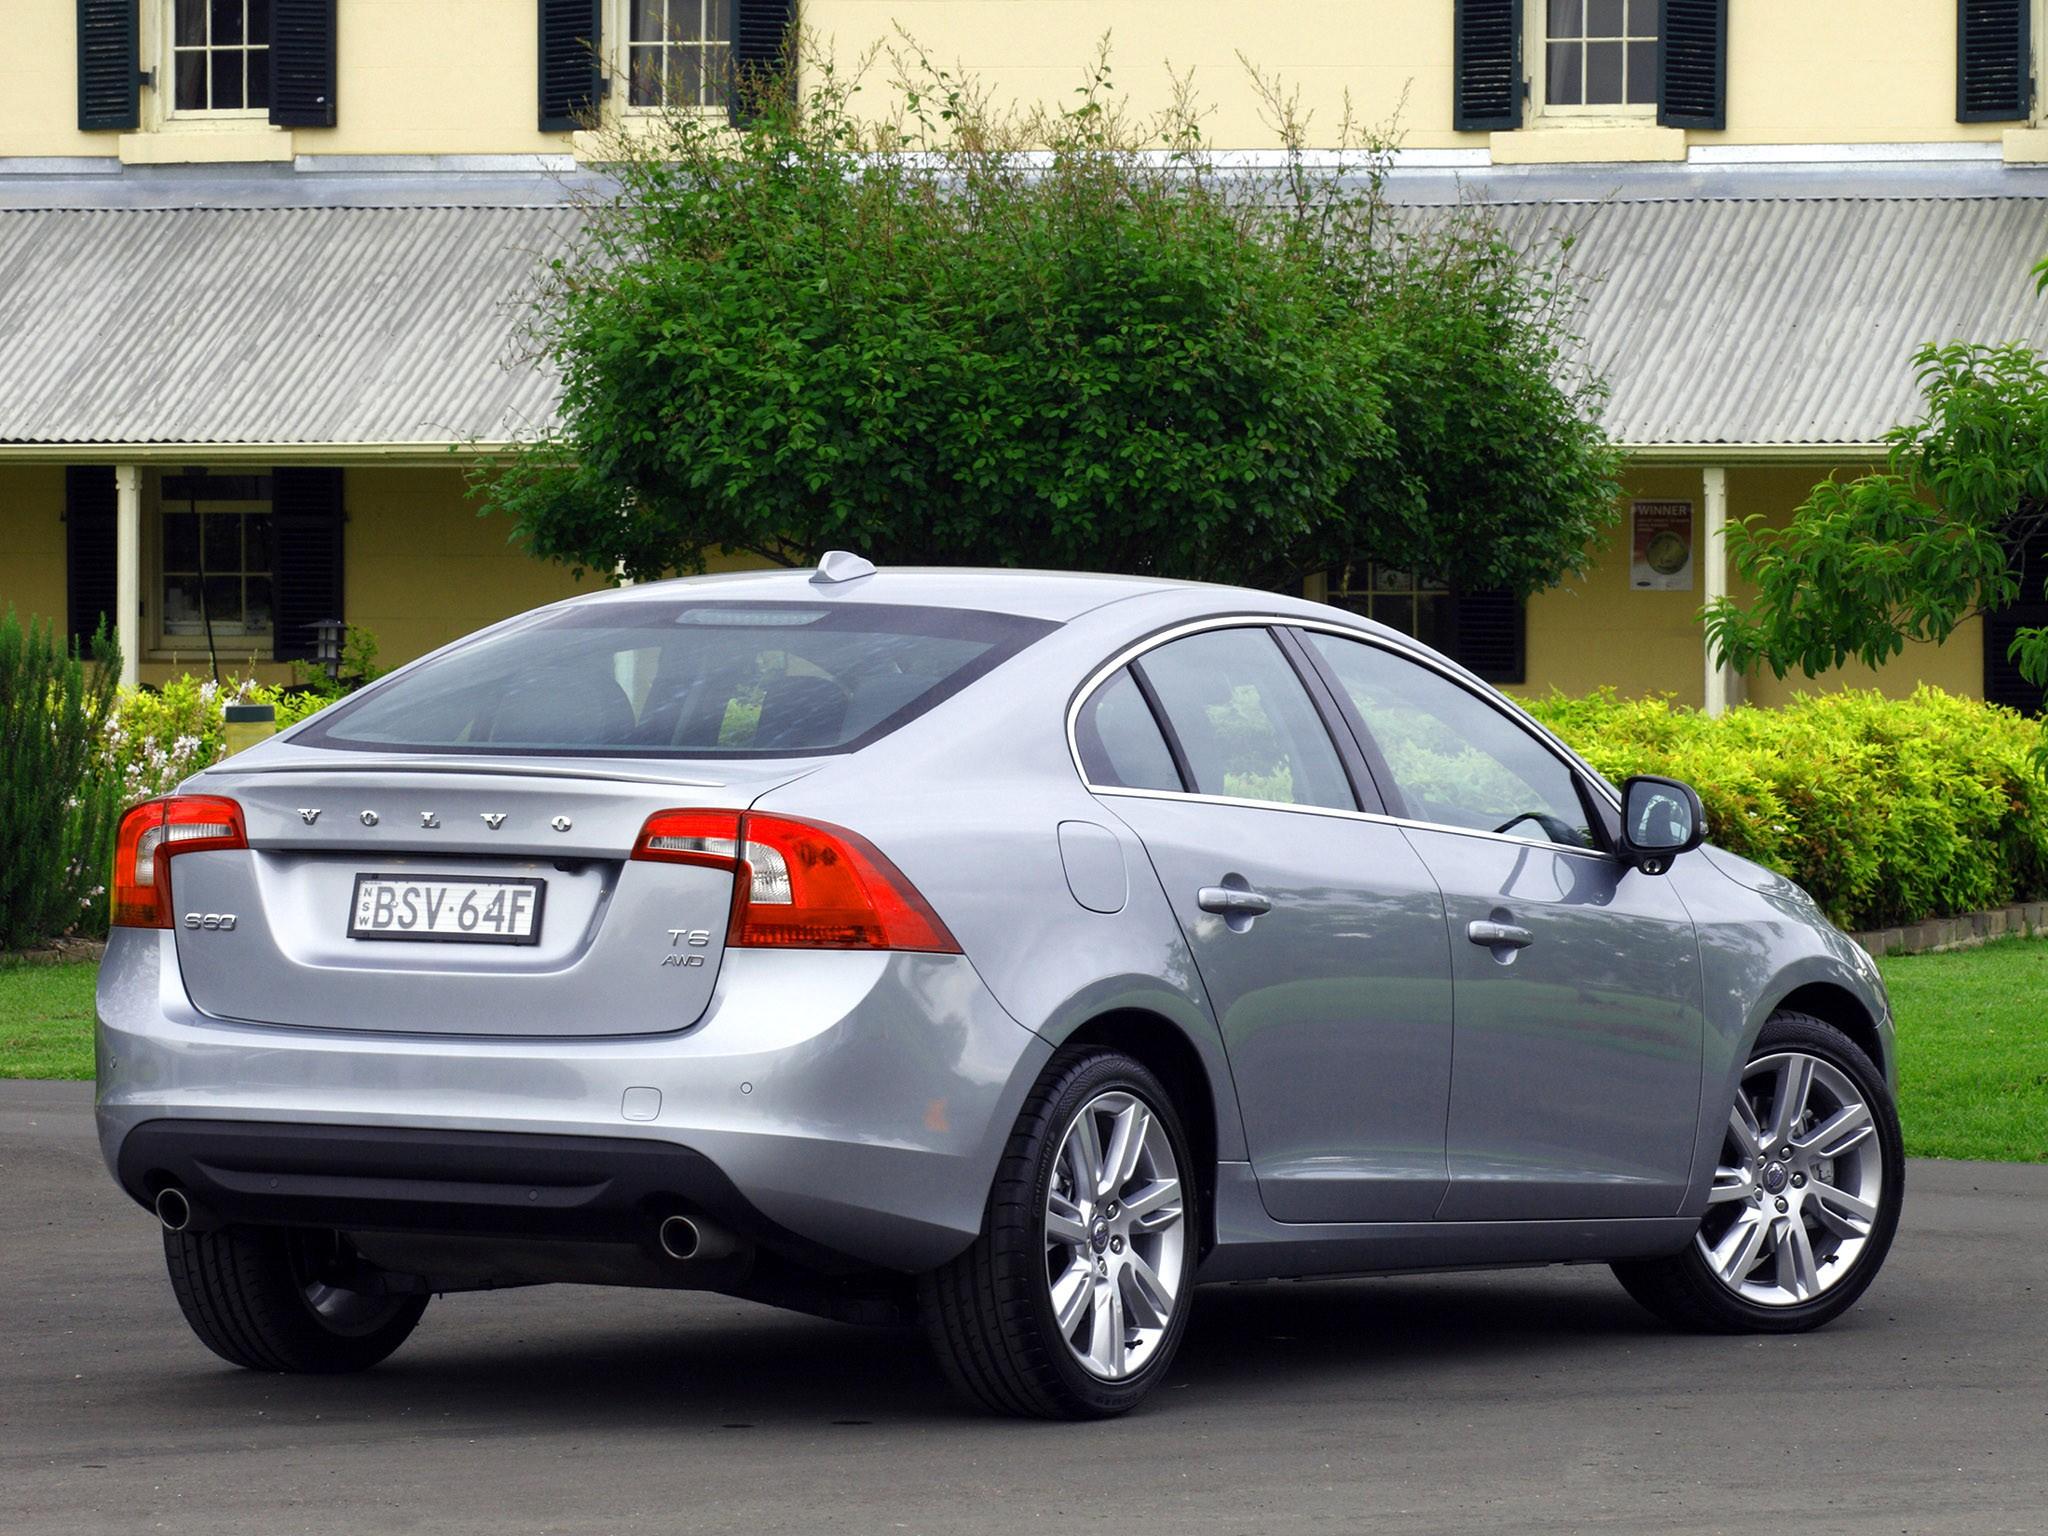 2011 Volvo S60 T6 Australia